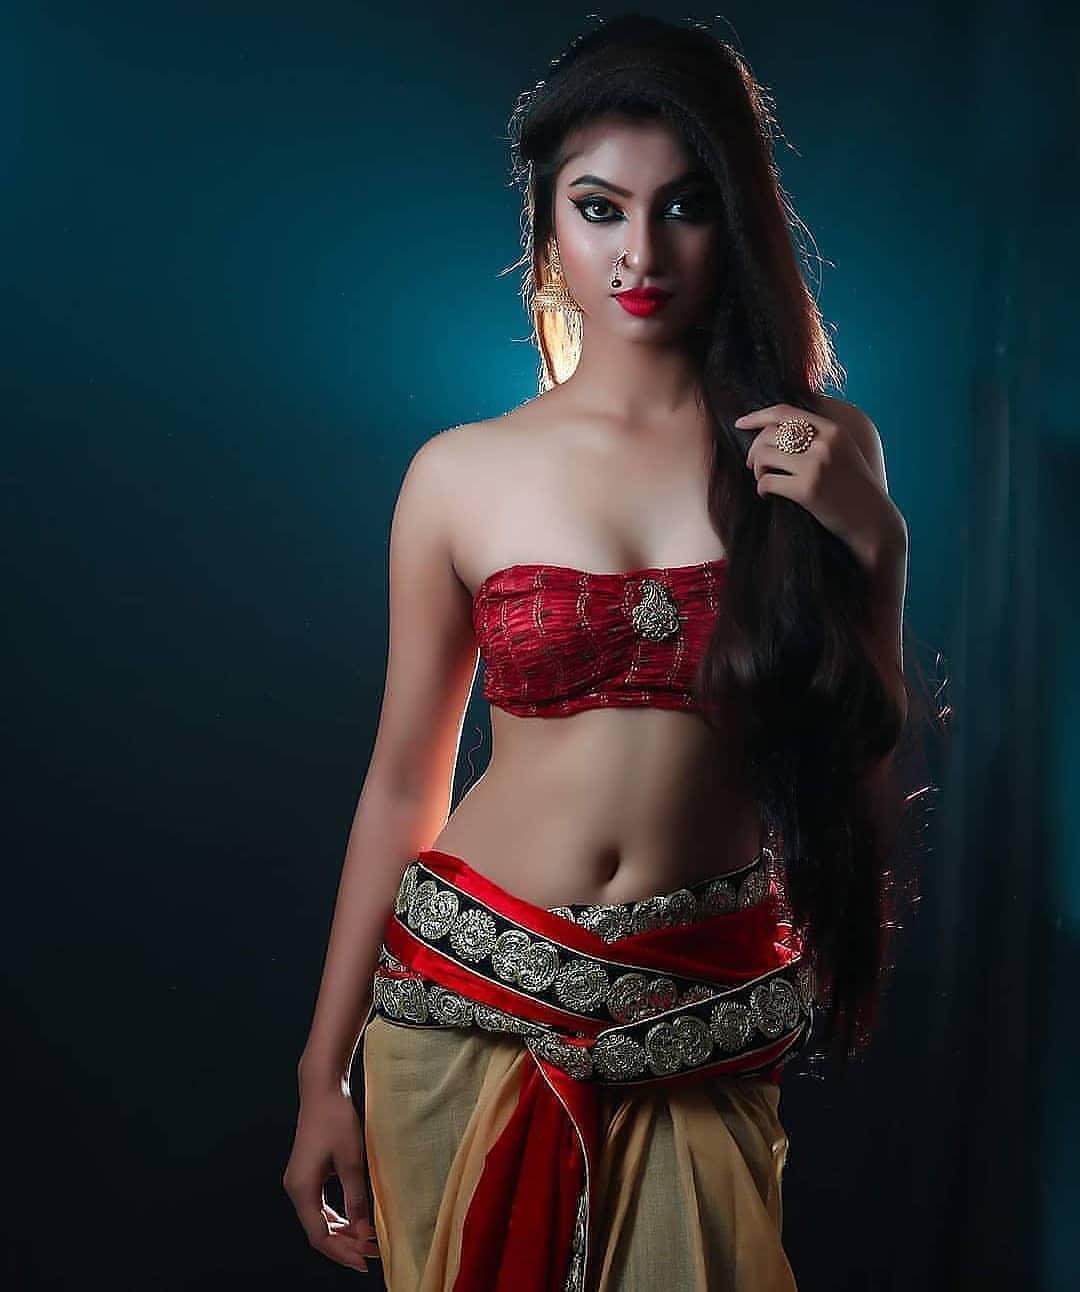 Aditi budhathoki pic